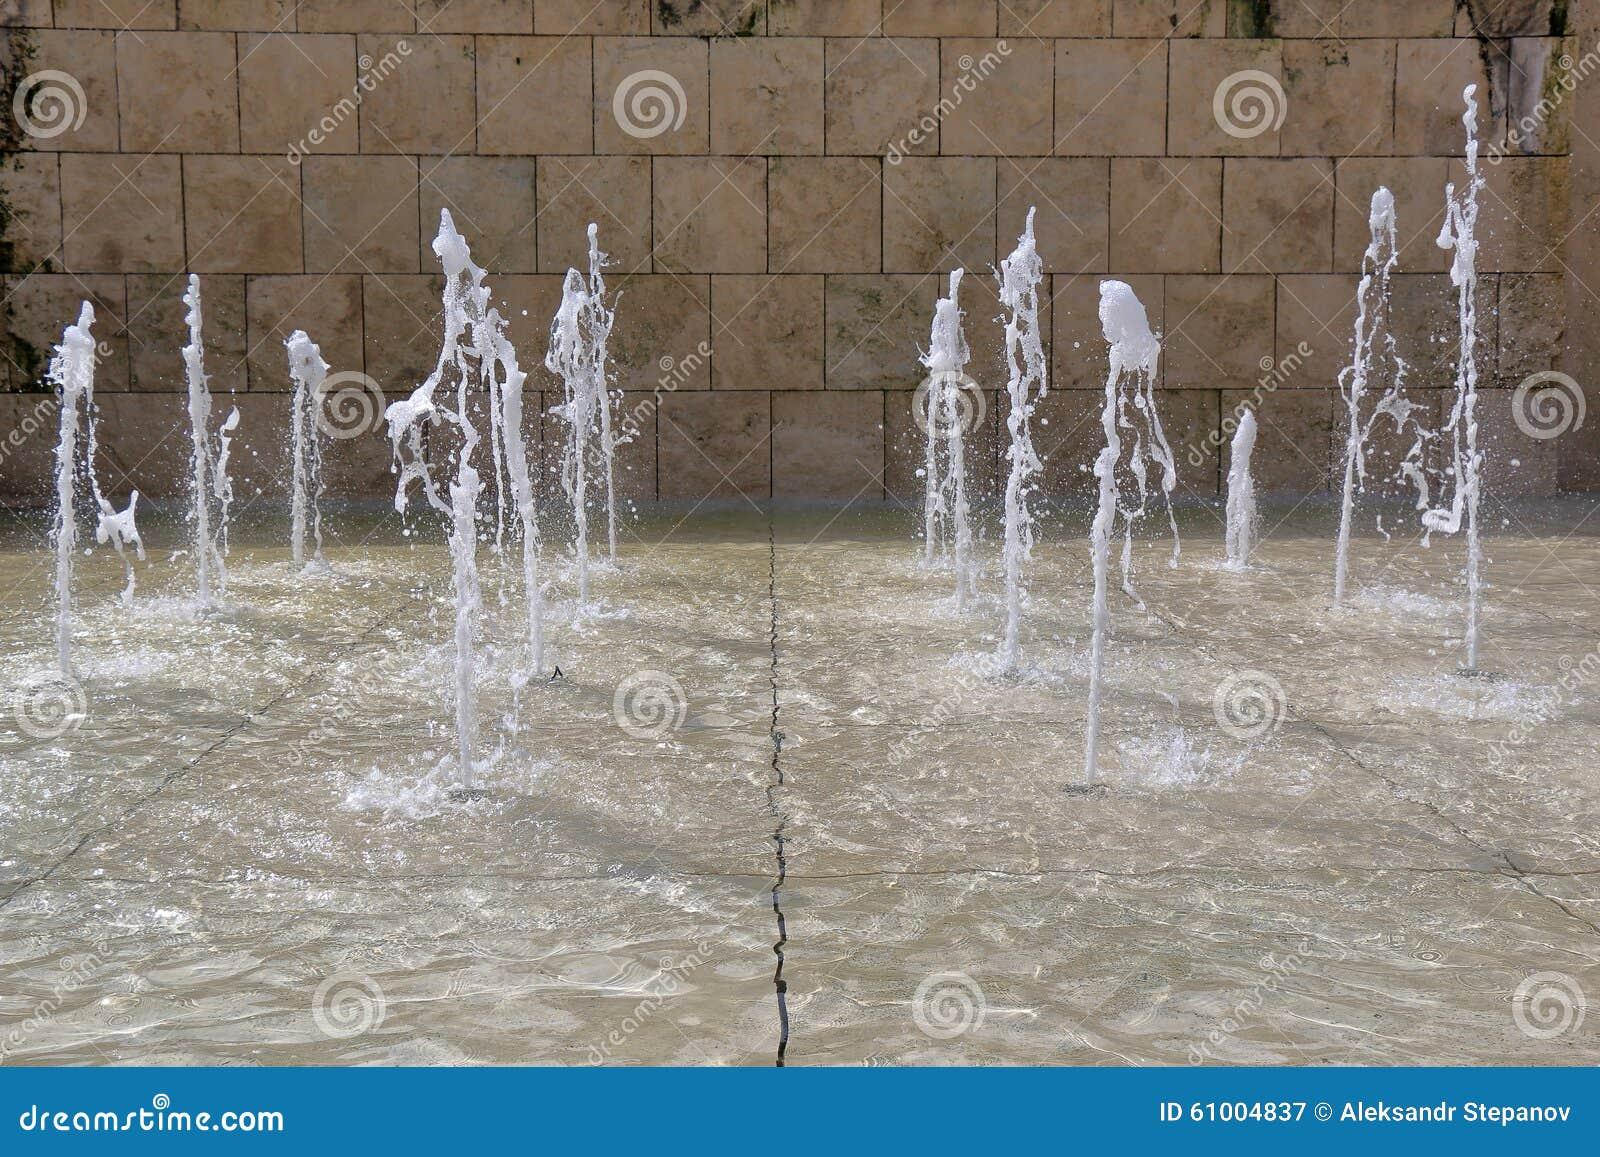 Getti D Acqua Fontane.Getti Verticali Di Acqua In Fontana Immagine Stock